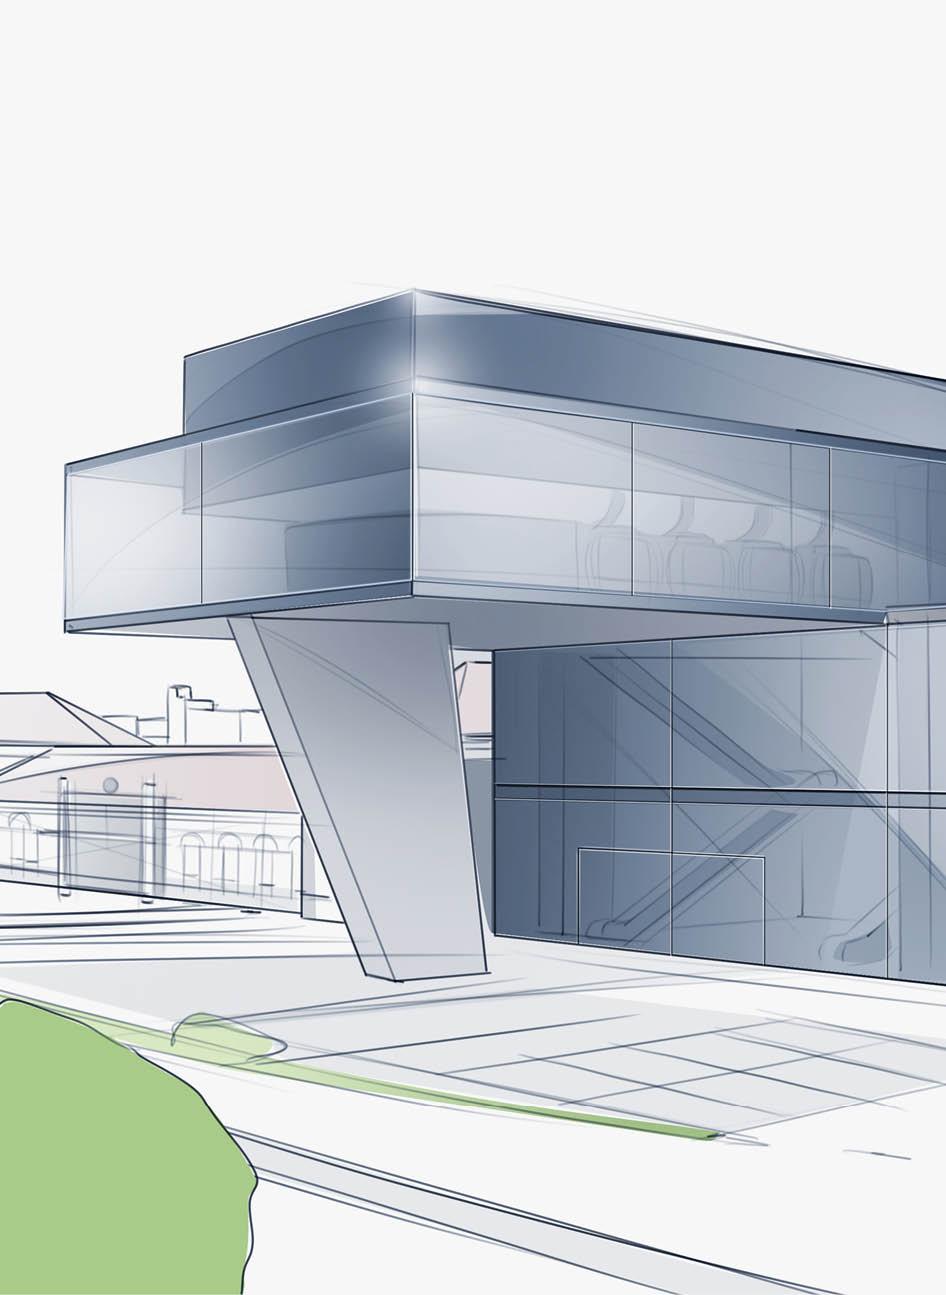 Architektur-Skizze einer Seilbahn-Station